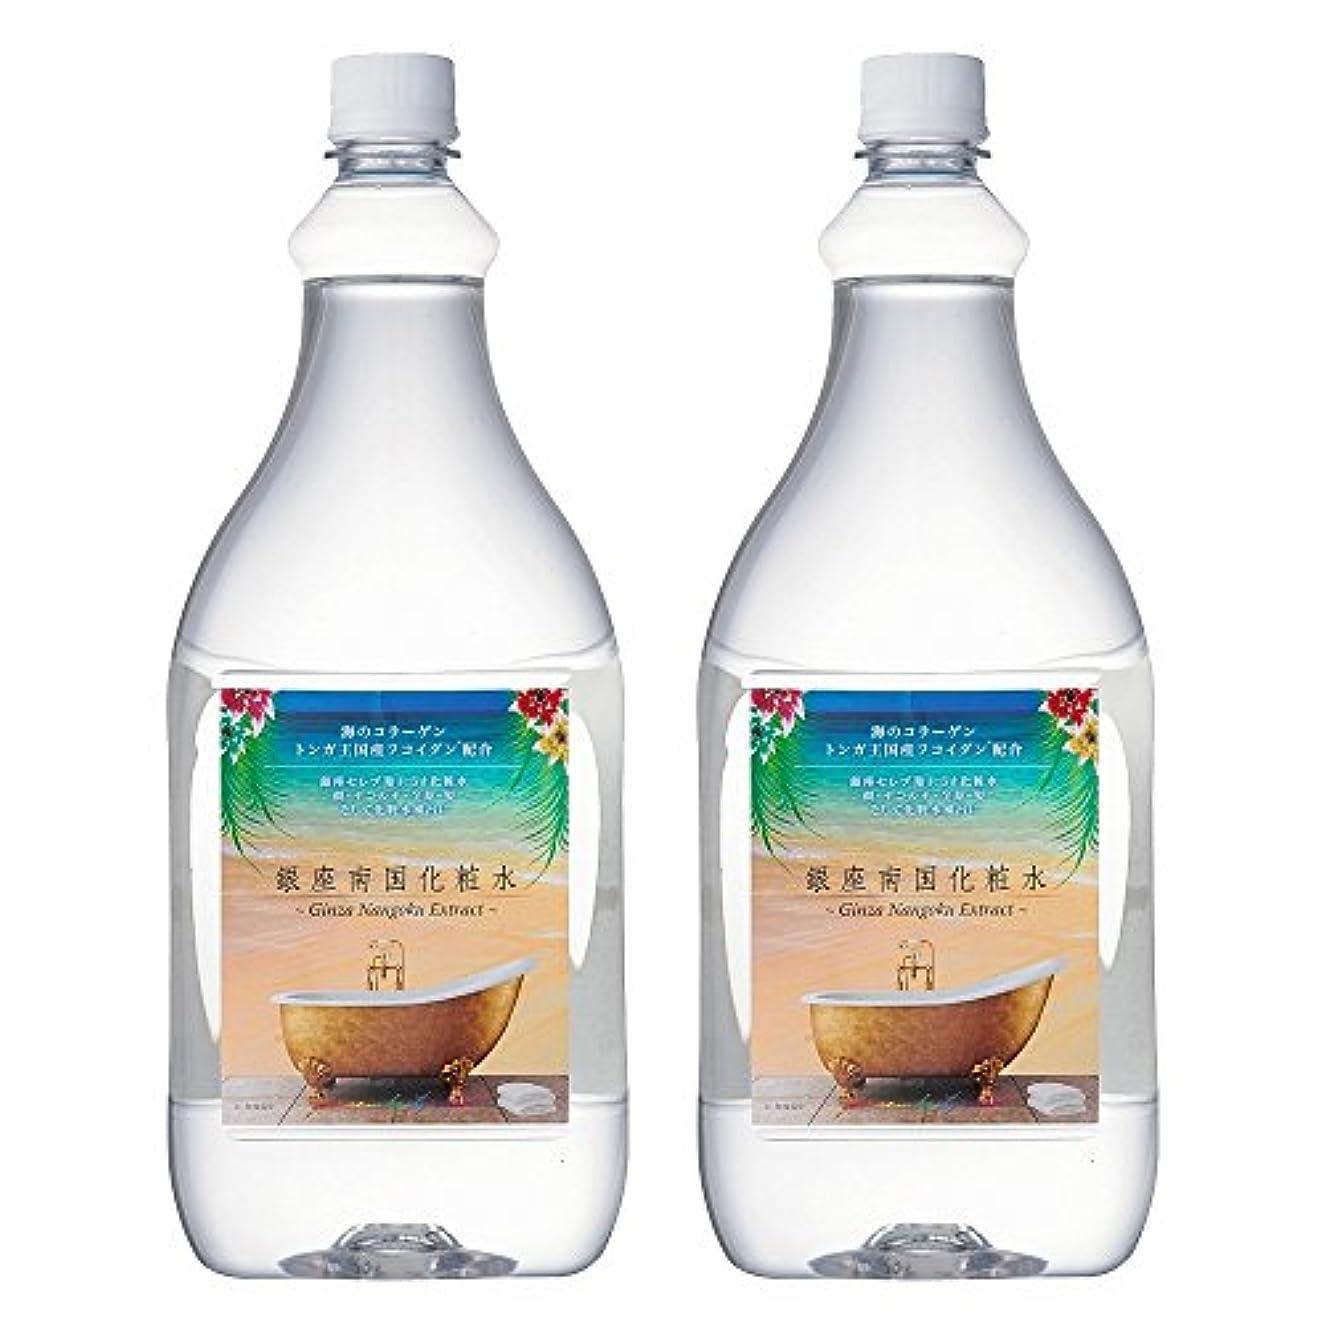 不良品貴重なジョリー銀座南国化粧水 1.5L 2本セット